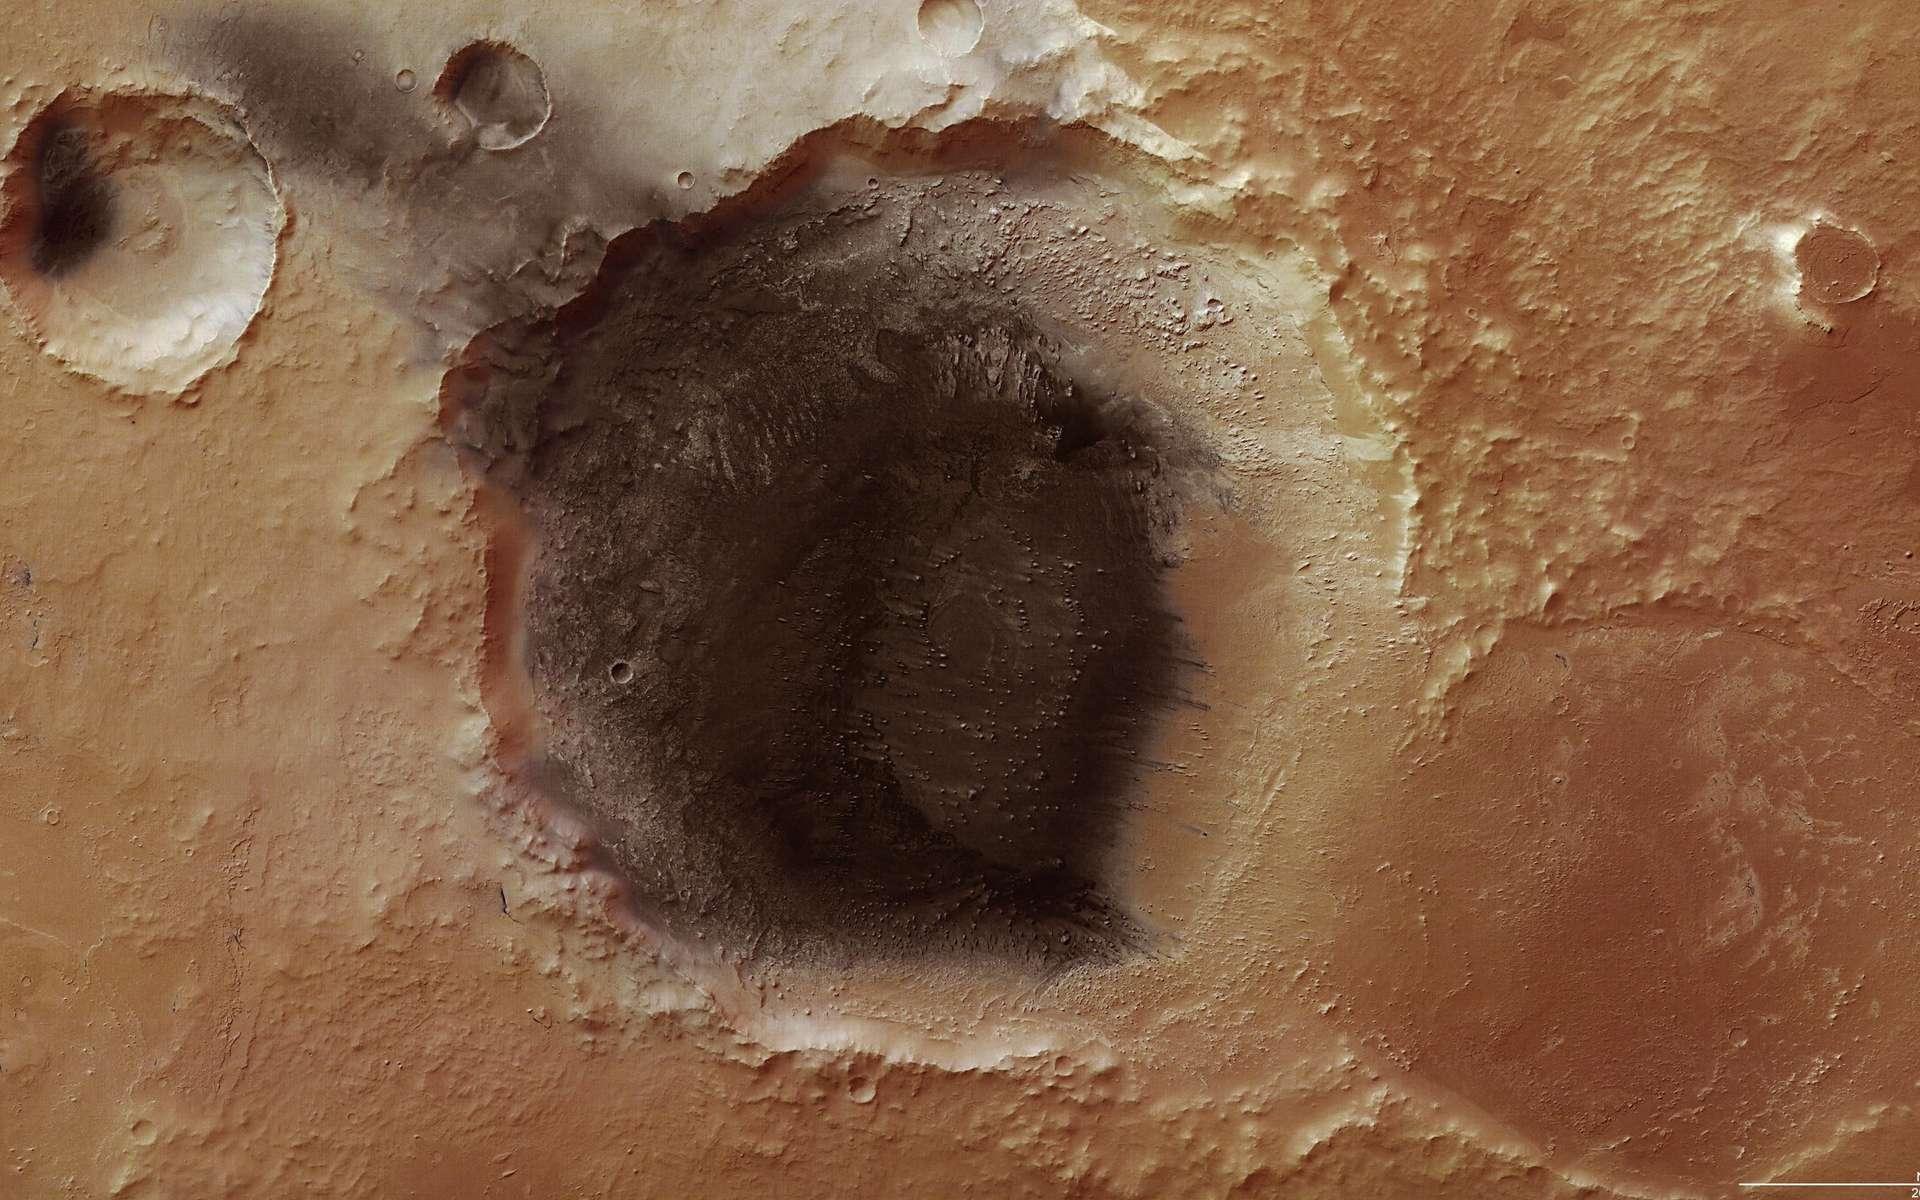 La caméra à haute résolution de Mars Express montre de nombreux détails dans cette région de Meridiani Planum, où un dépôt de cendres volcaniques semble s'échapper d'un cratère, soufflé par le vent. Crédit : Esa/DLR/Fu Berlin (G. Neukum)